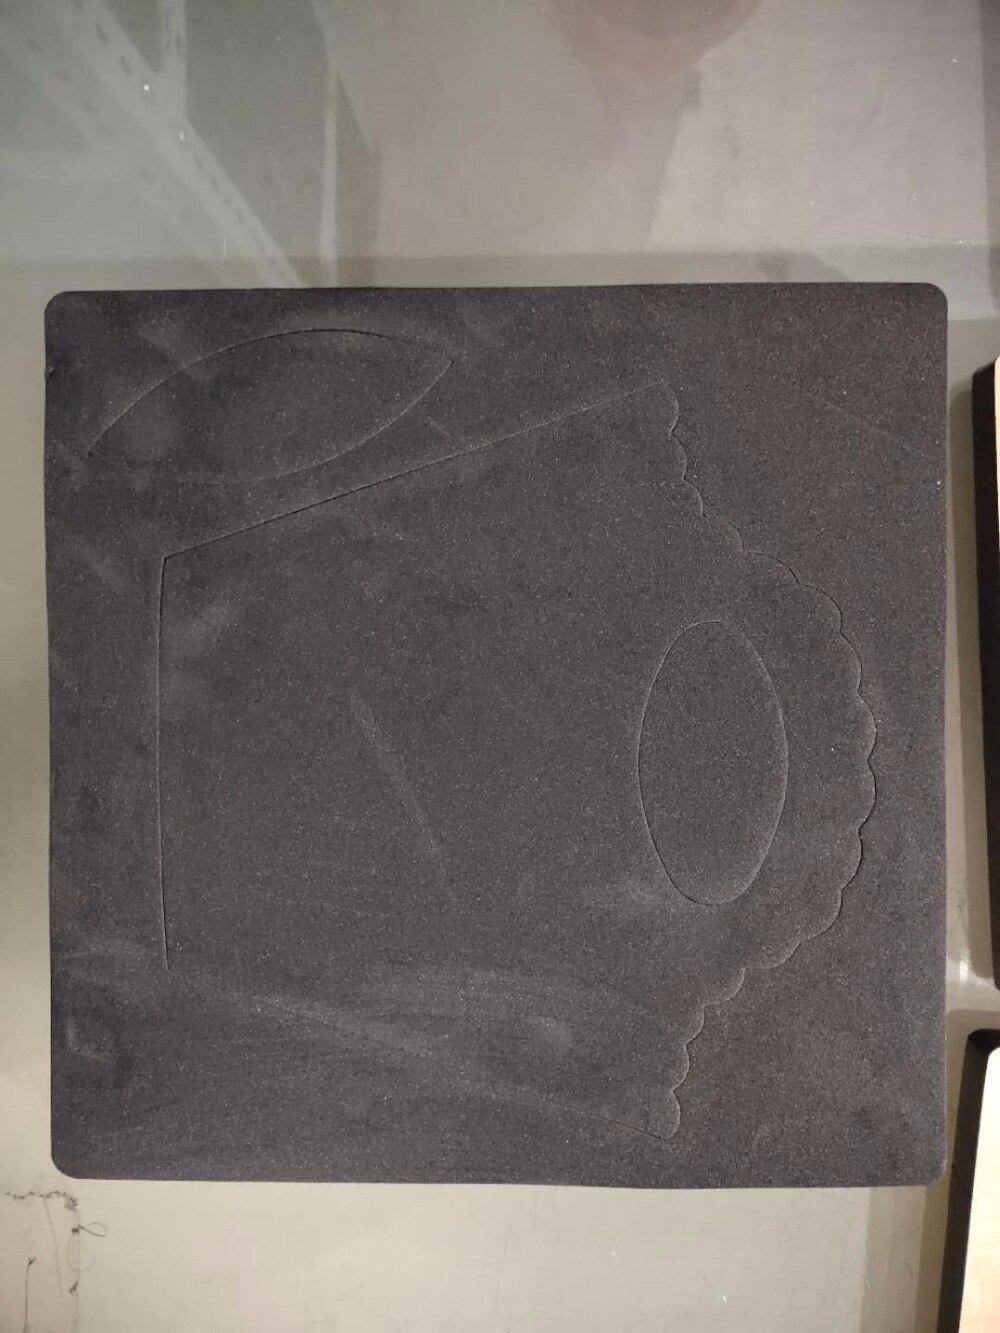 Bolsa de encaje con troquel de madera/herramienta de corte/molde de álbum de recortes/Tmy9861-in Troqueles from Hogar y Mascotas    3